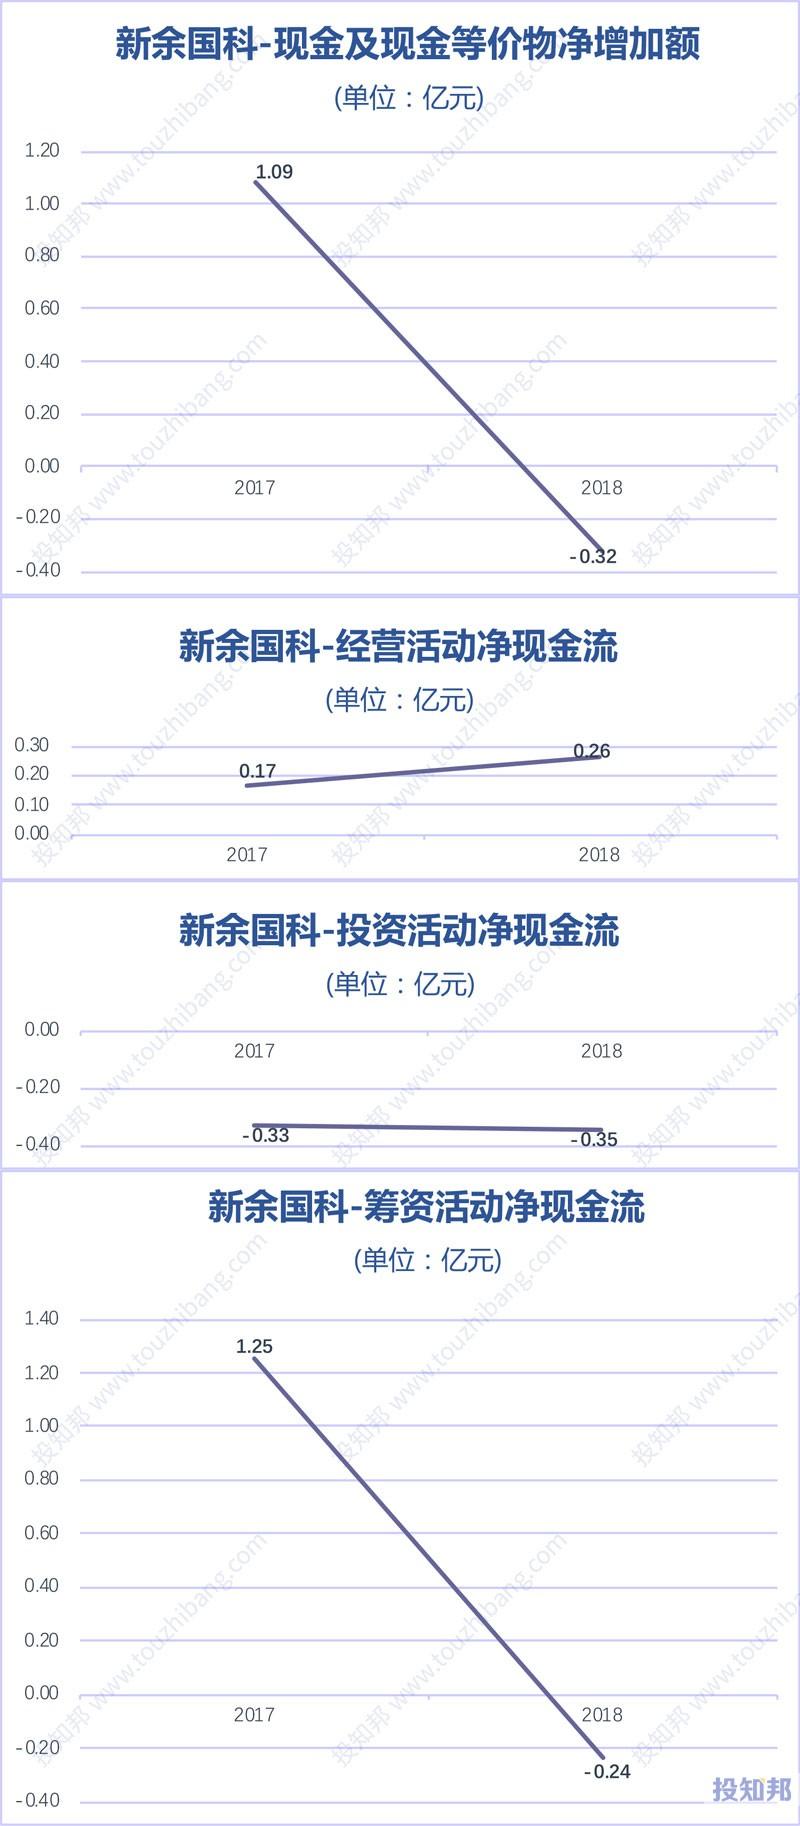 图解新余国科(300722)财报数据(2017年~2019年Q3)